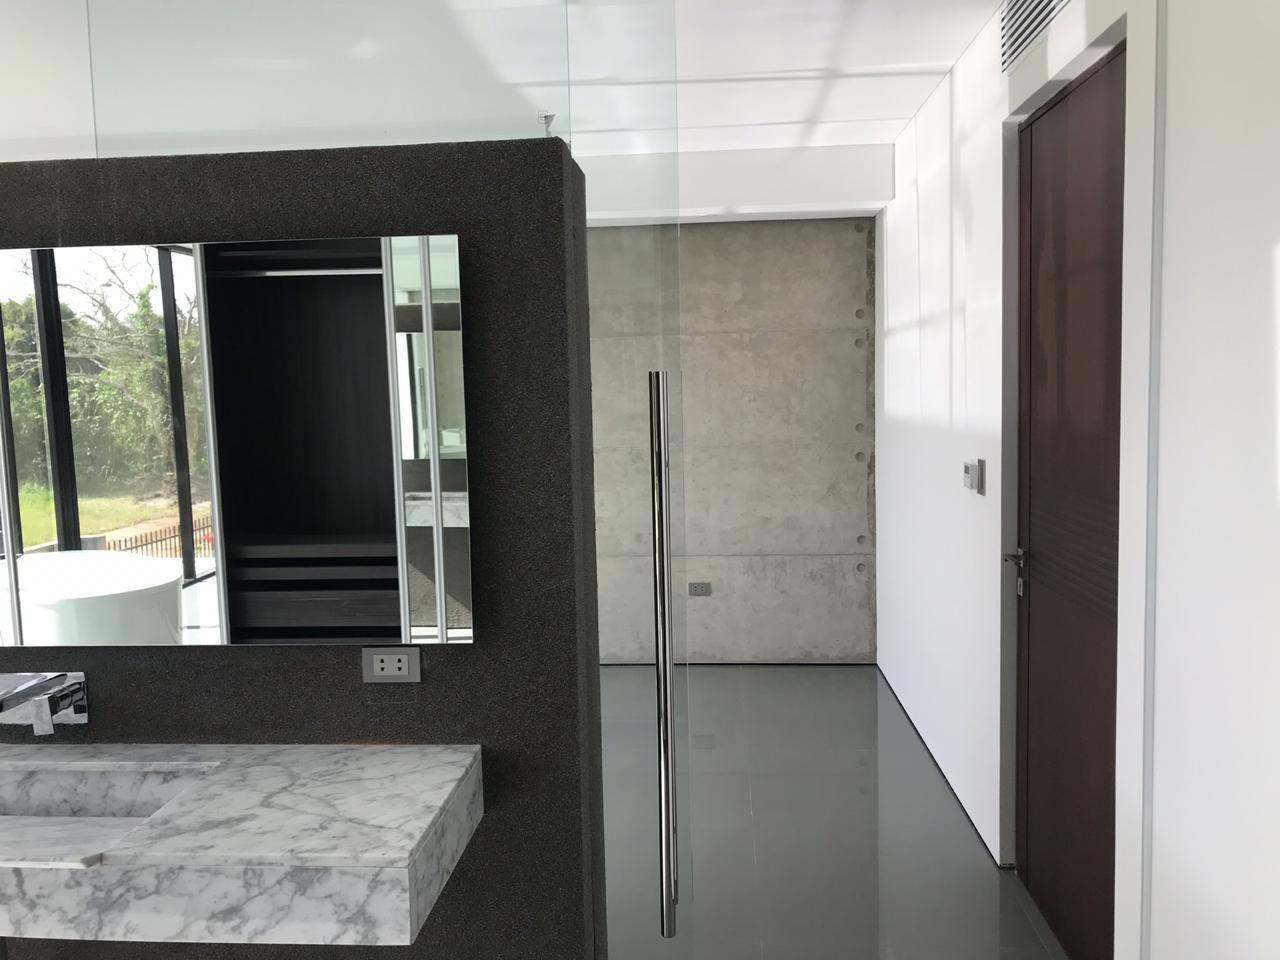 Casa en Alquiler Condominio costanera blu resideces Foto 5